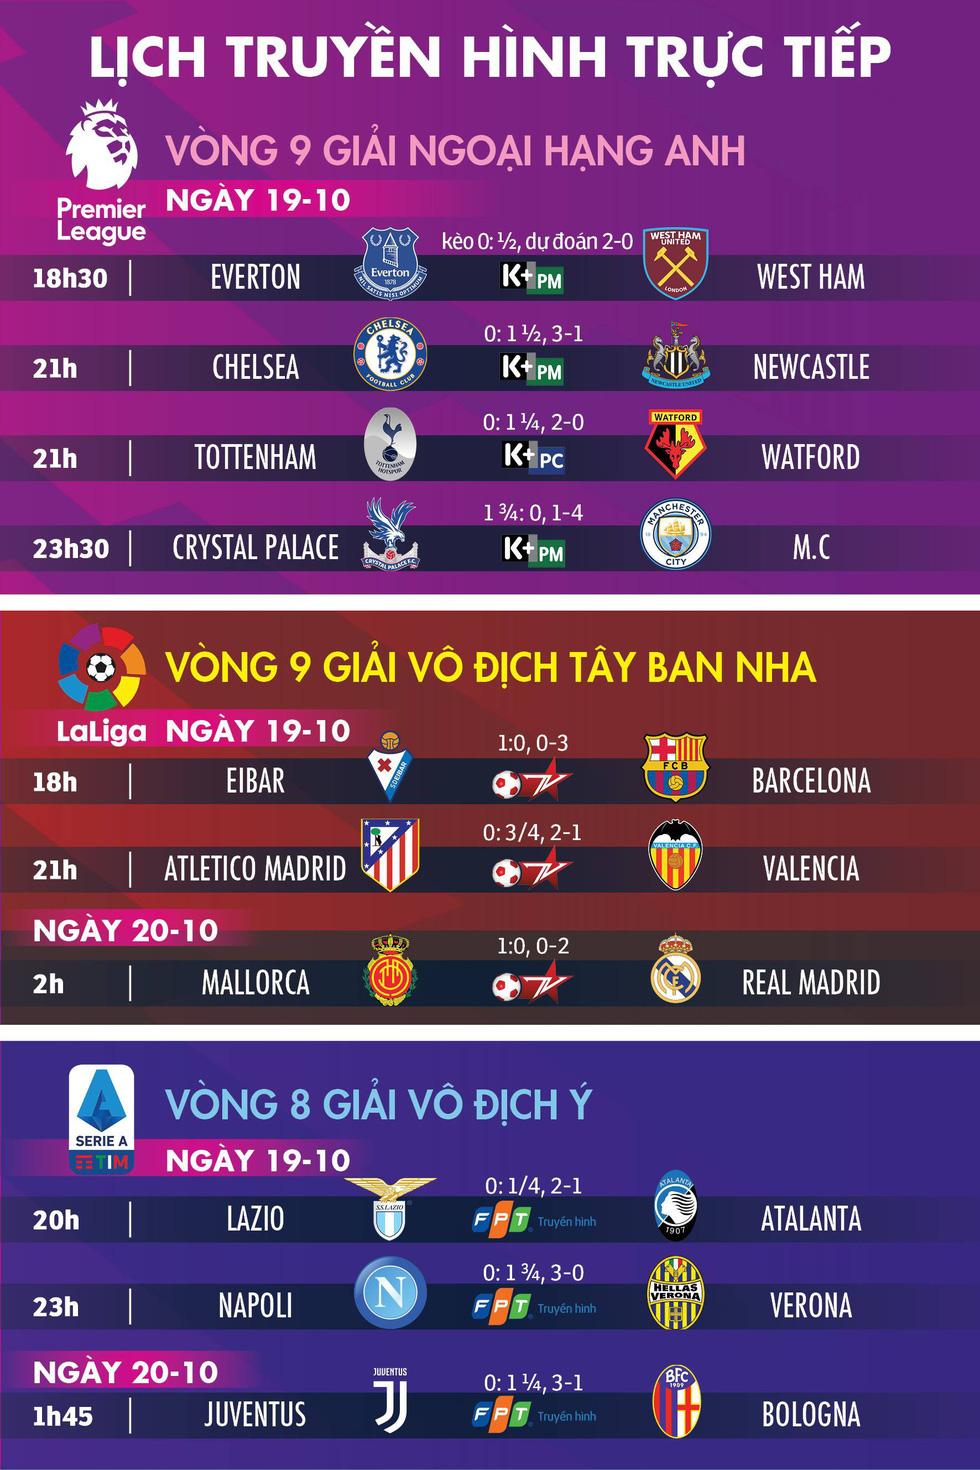 Lịch trực tiếp, kèo nhà cái, dự đoán kết quả bóng đá châu Âu ngày 19-10 - Ảnh 1.